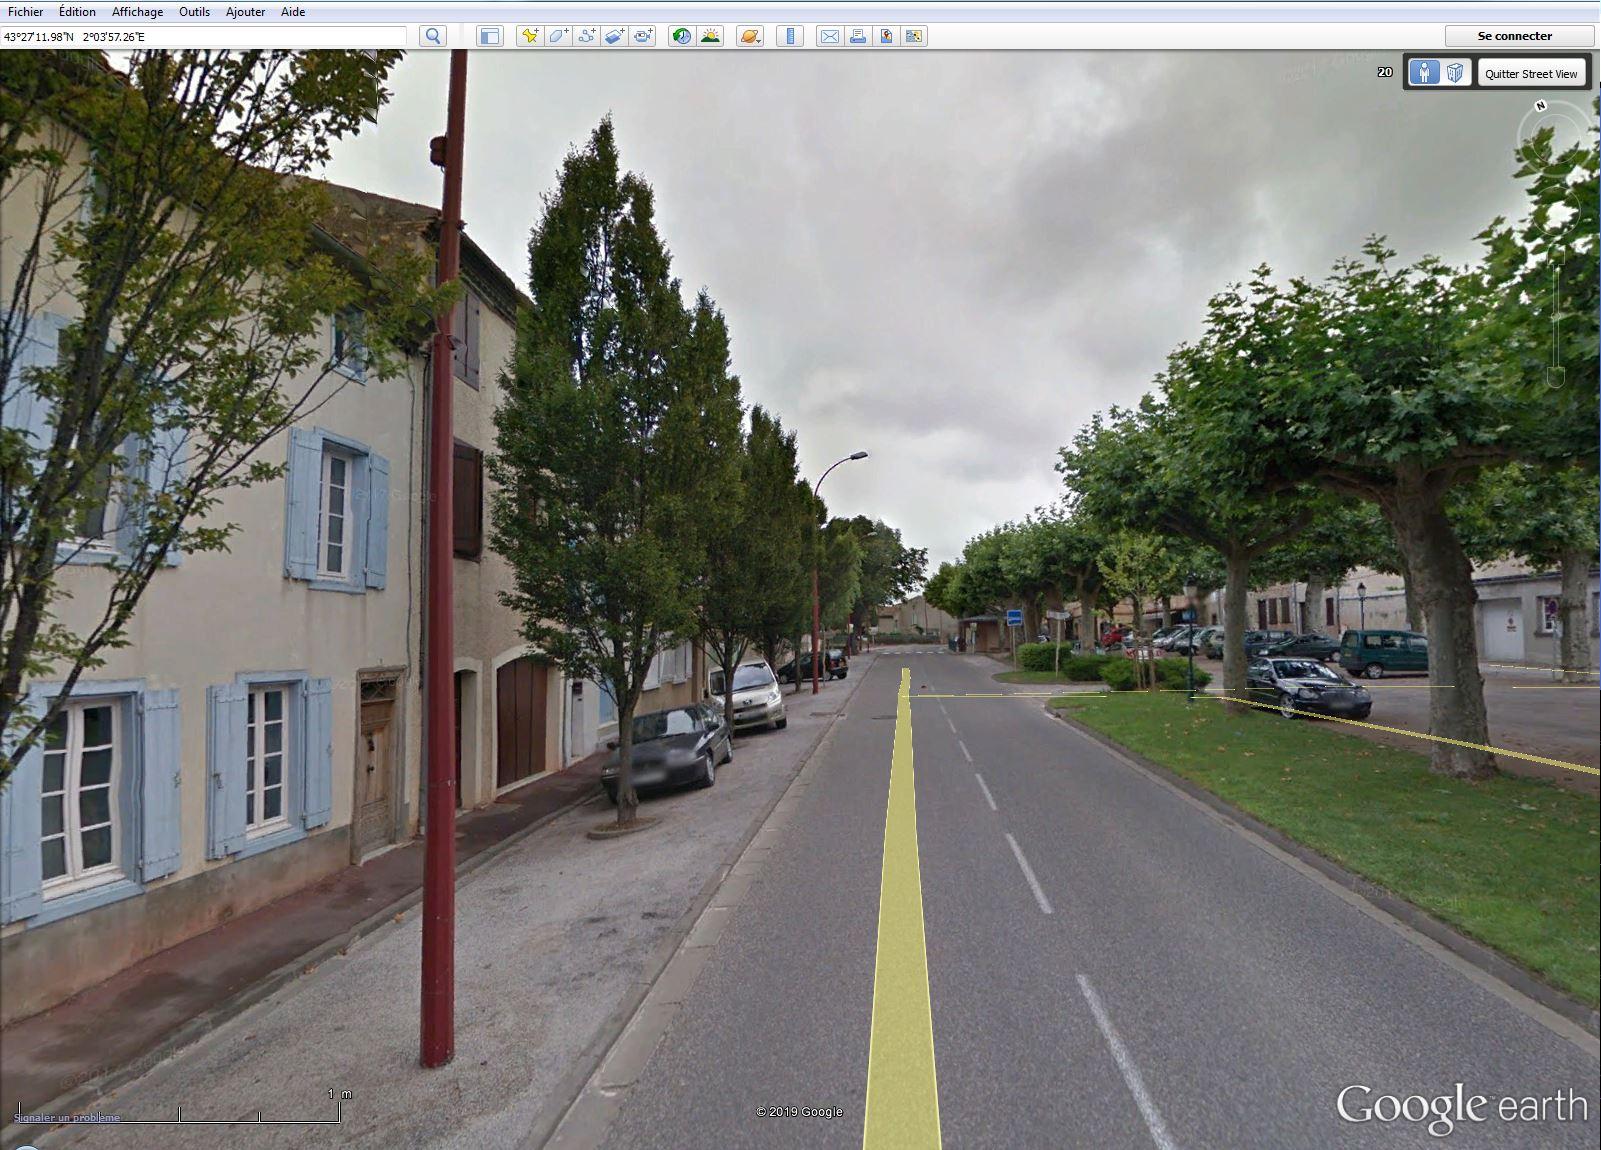 [résolu] Enlever cette fichue ligne jaune en street view - Page 2 Exempl11